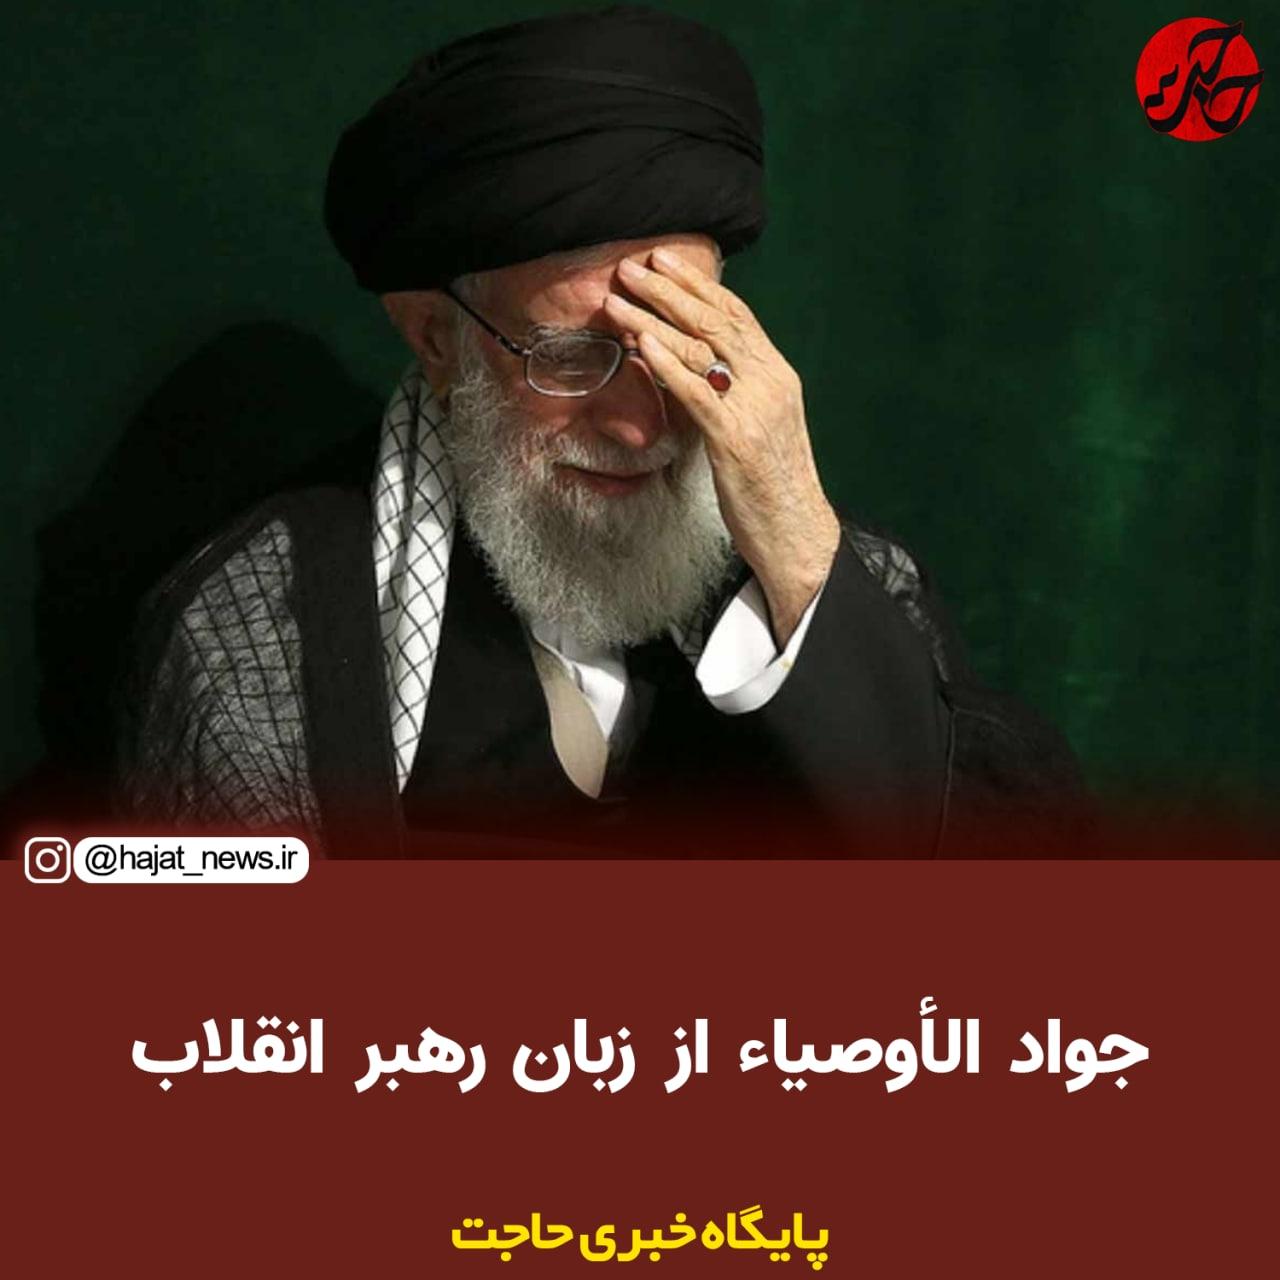 تصویر از جواد الاوصیا از زبان رهبر انقلاب